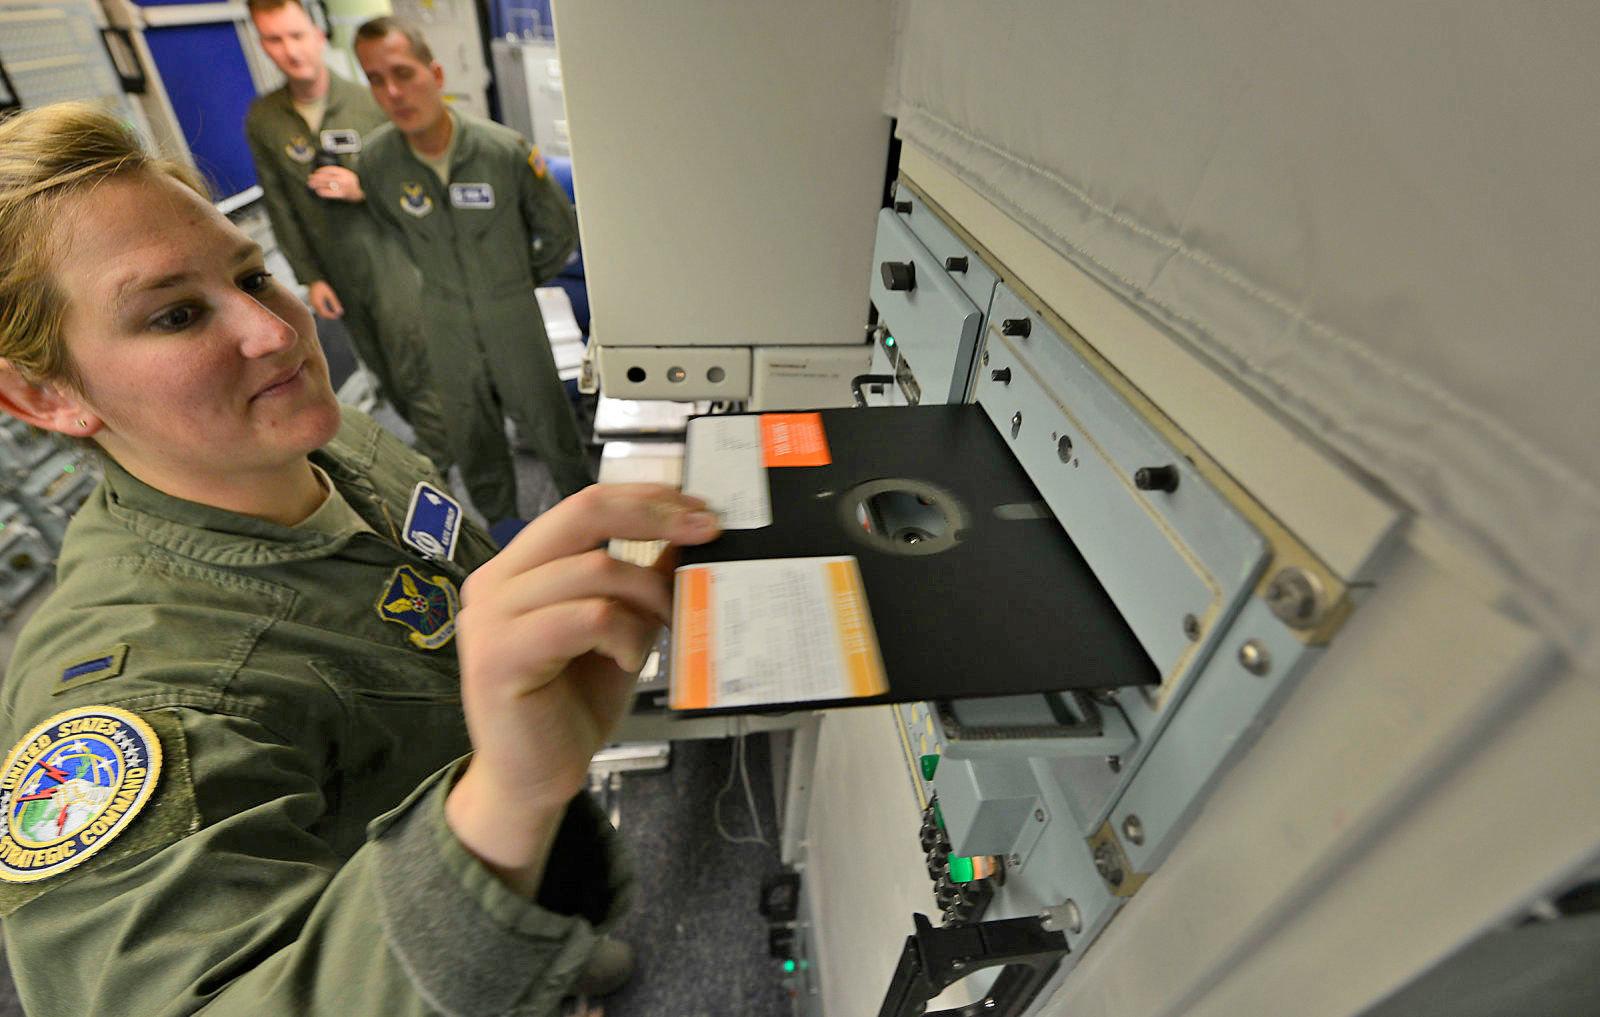 L'armée américaine n'utilisera plus d'antiques disquettes pour coordonner ses frappes nucléaires